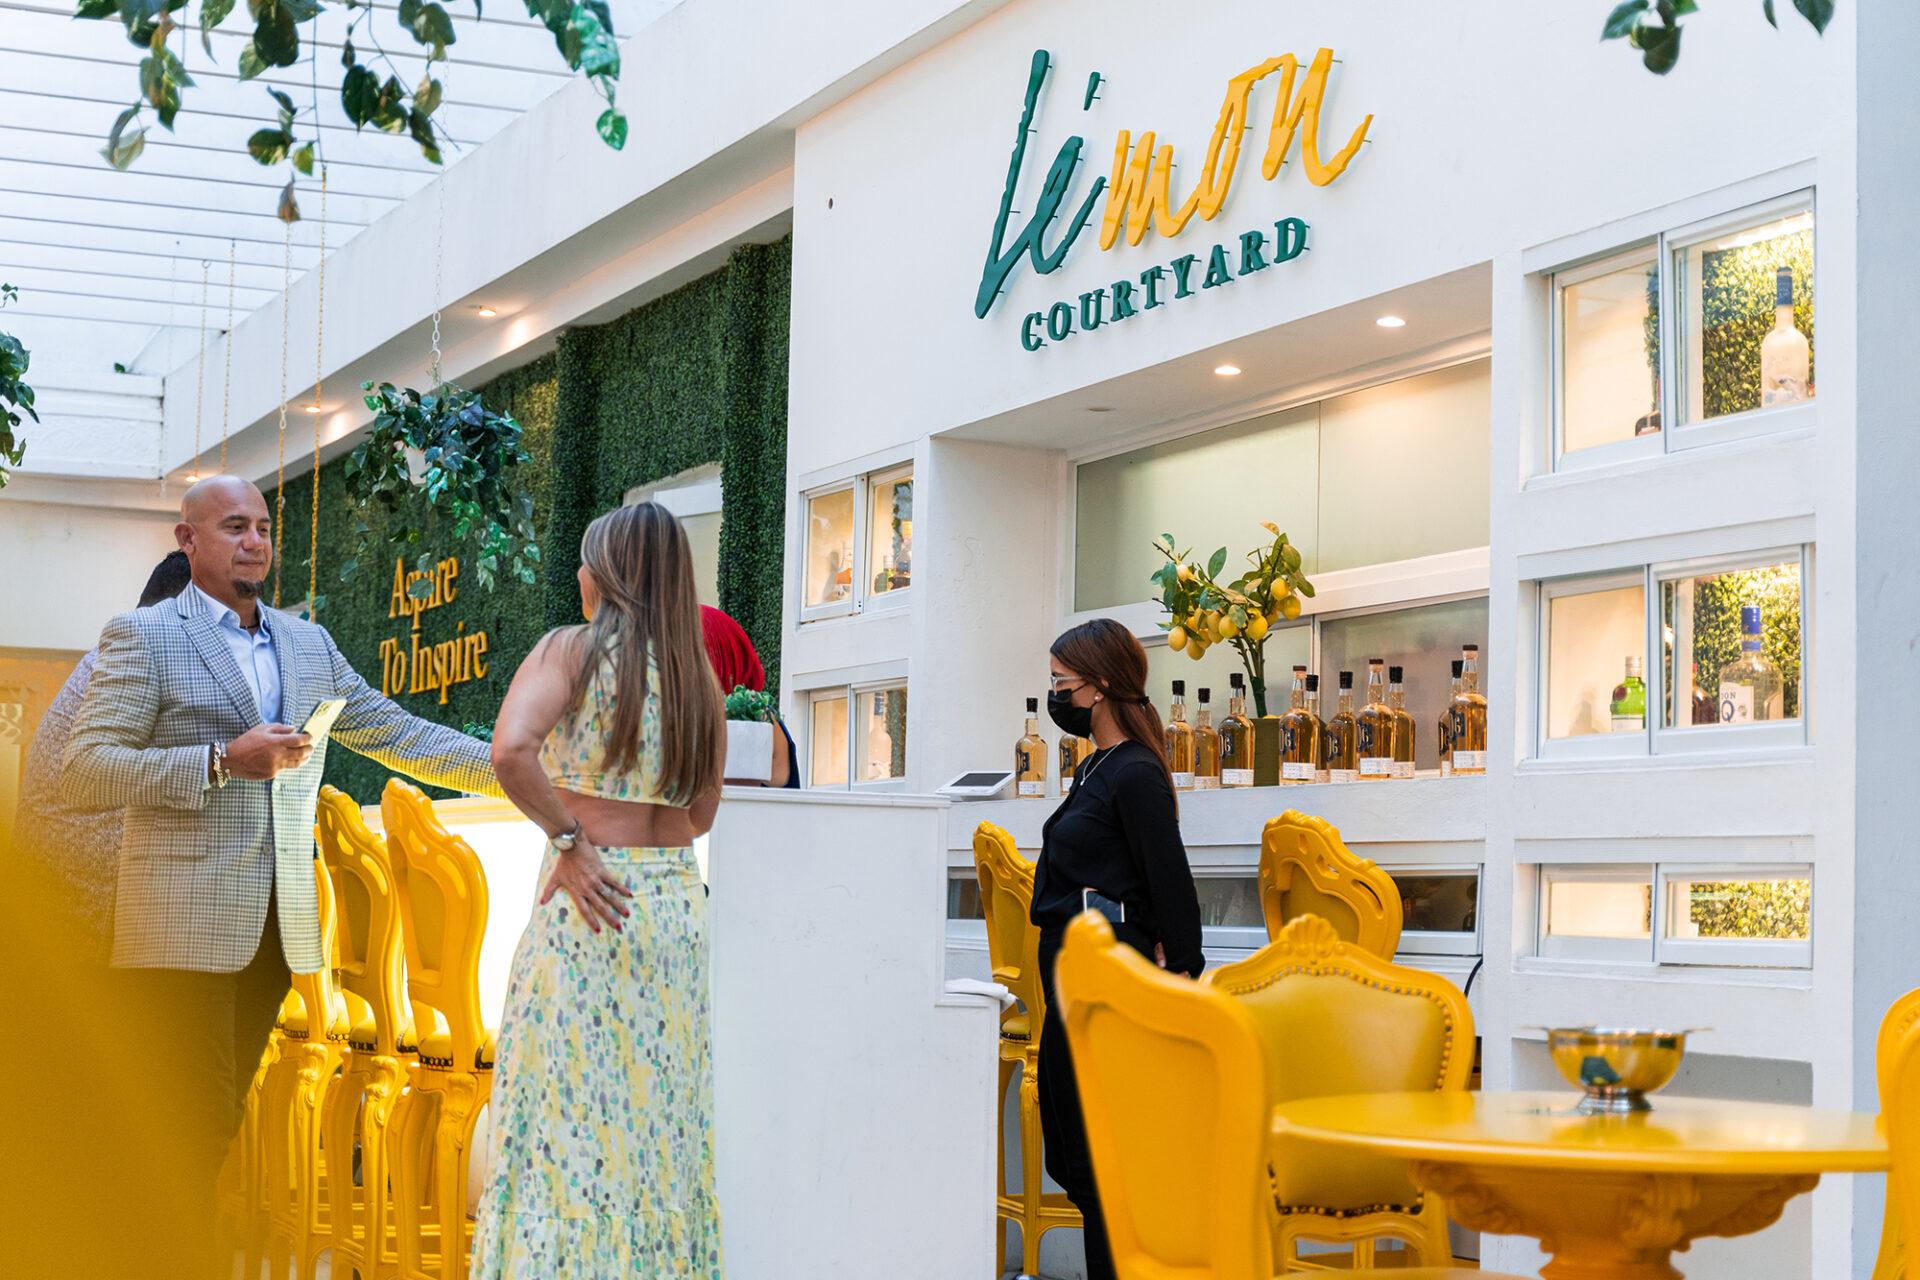 Nueva oferta de tapas y coctelería al aire libre en Ponce